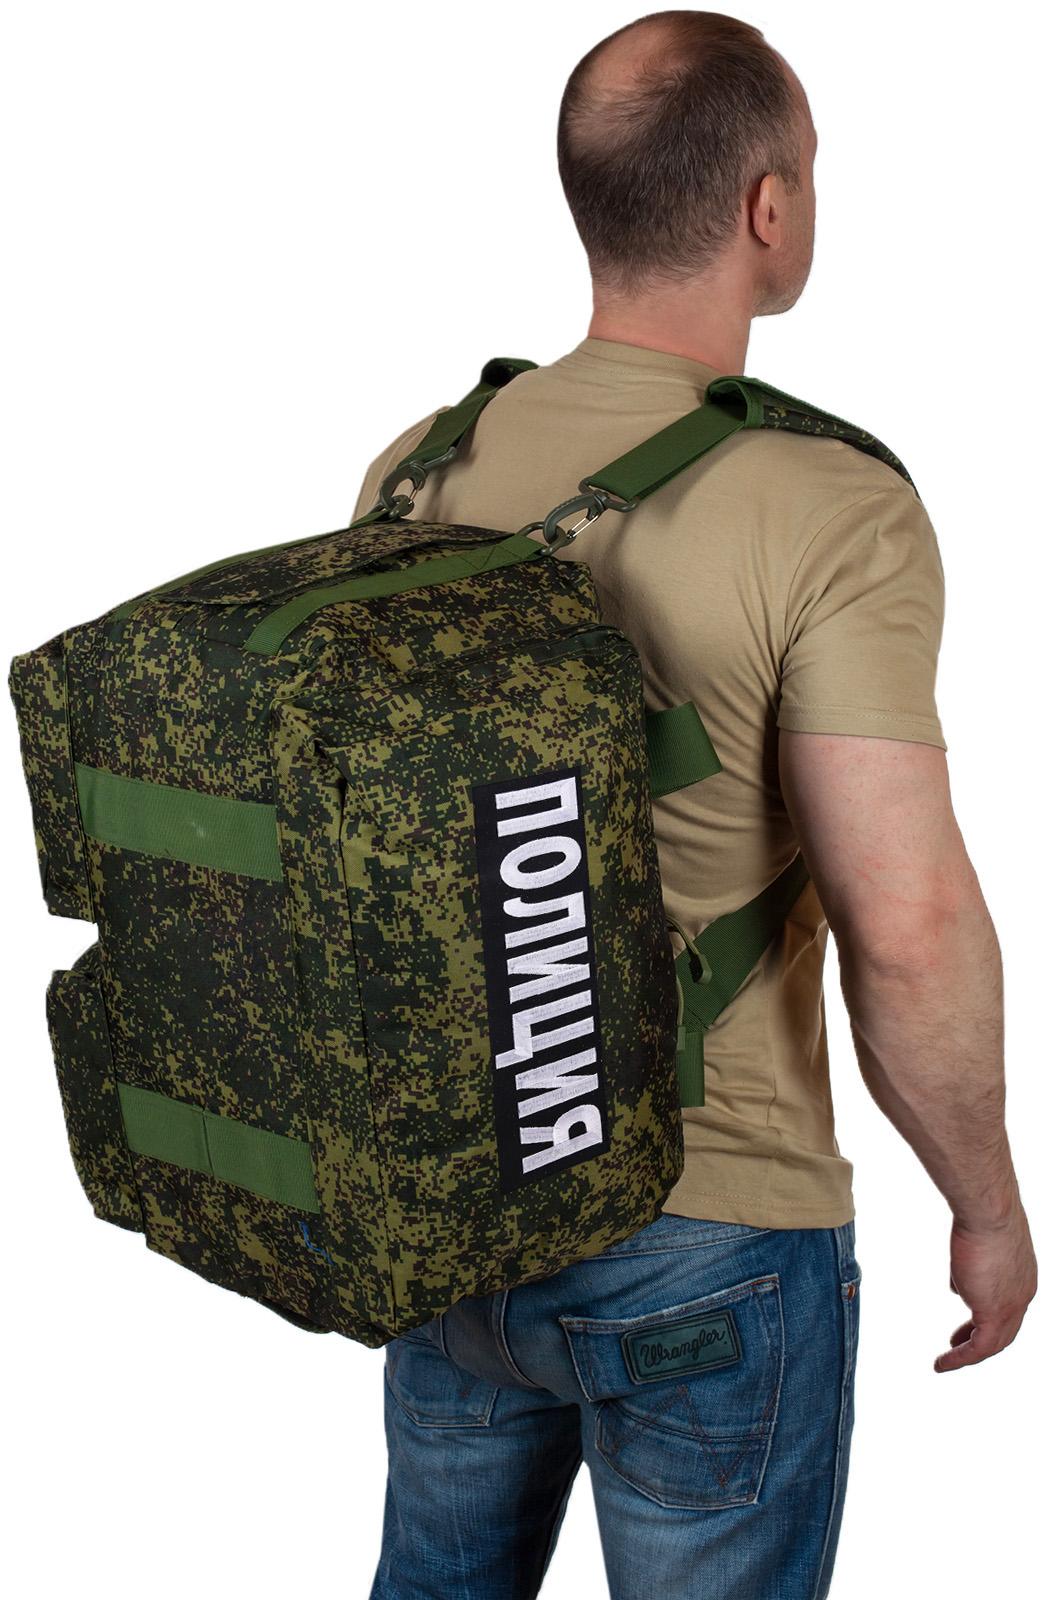 Купить походную камуфляжную сумку с нашивкой Полиция по выгодной цене